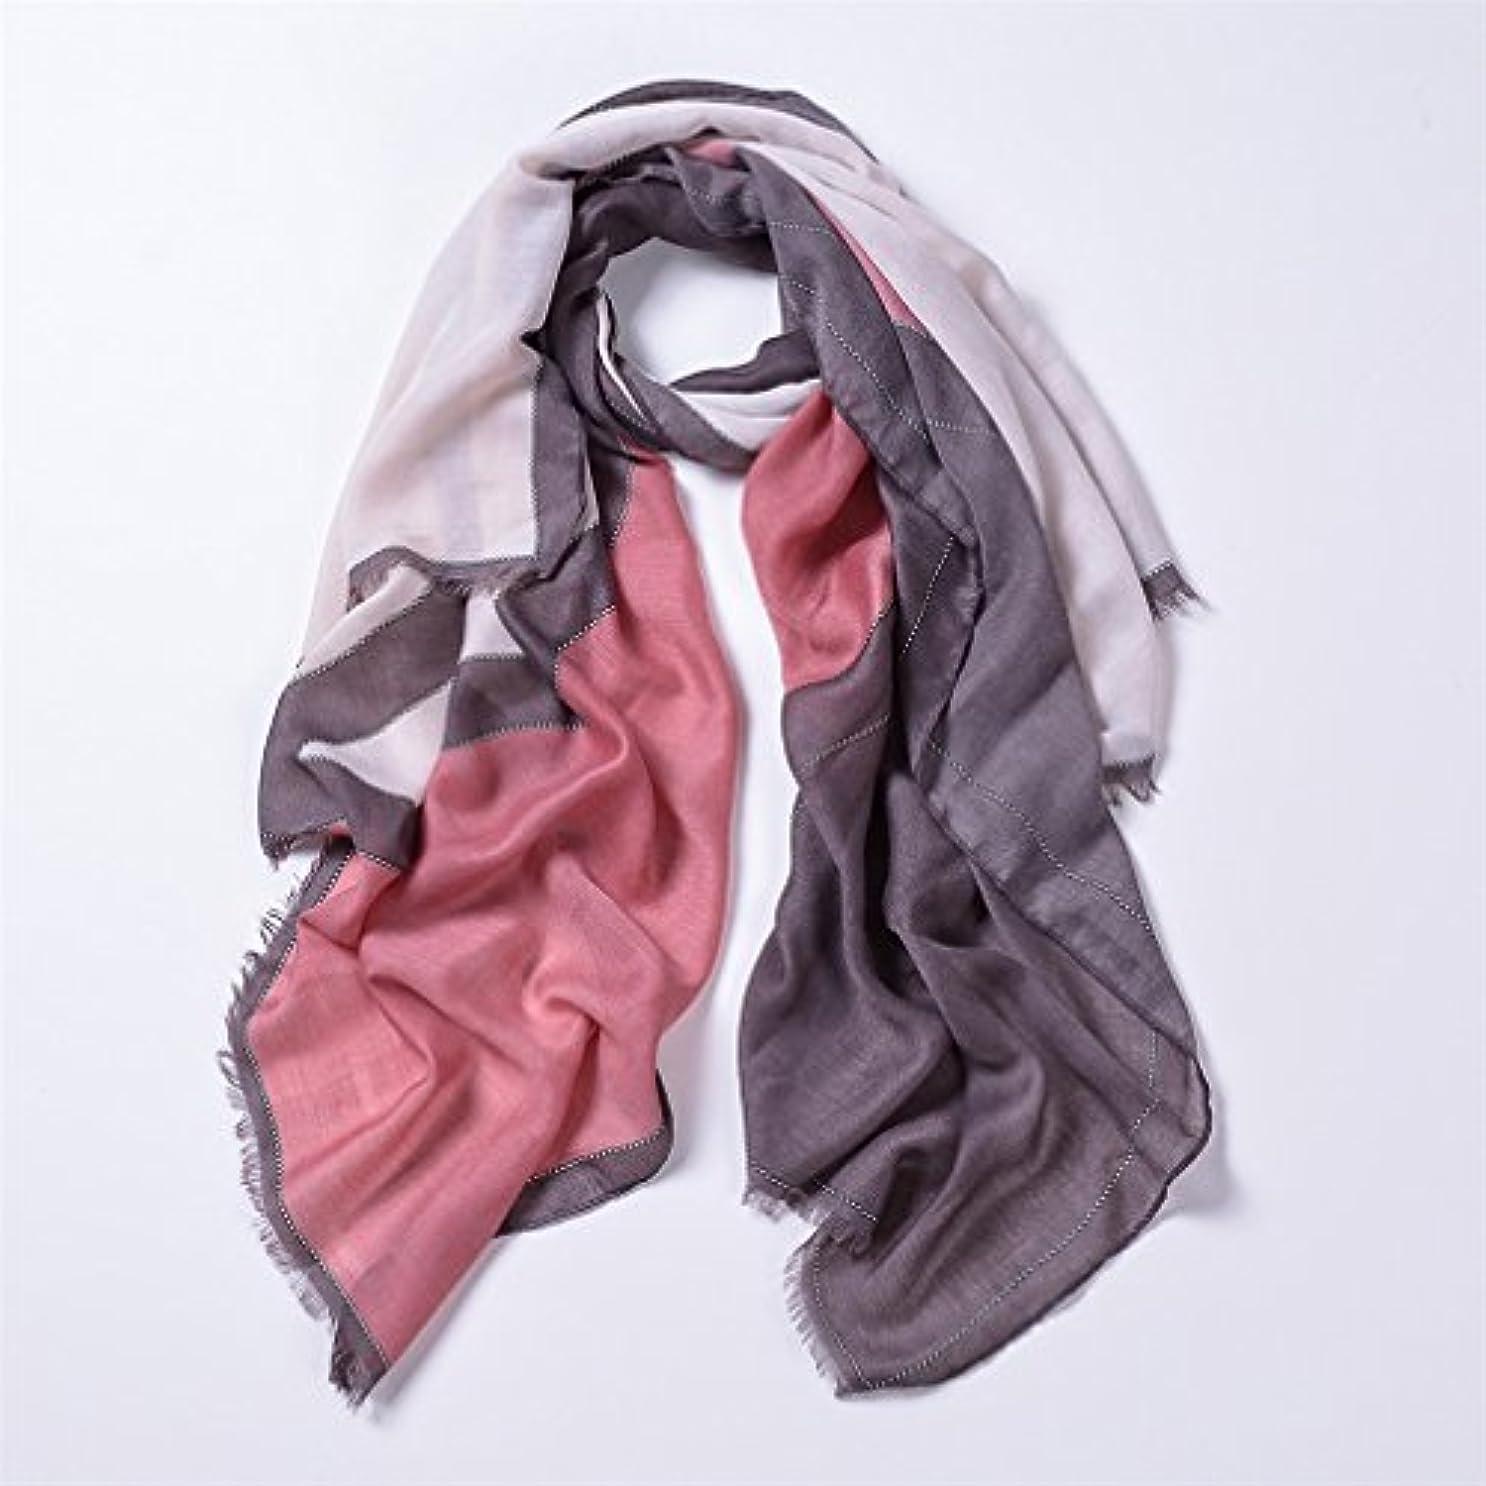 ネットステンレス叙情的なレディース?ショール - 女性サンスクリーンショールズサマースカーフグラデーションカラーロングライトウェイトカラースカーフ春夏スカーフ 家の装飾 ( Color : 6 )